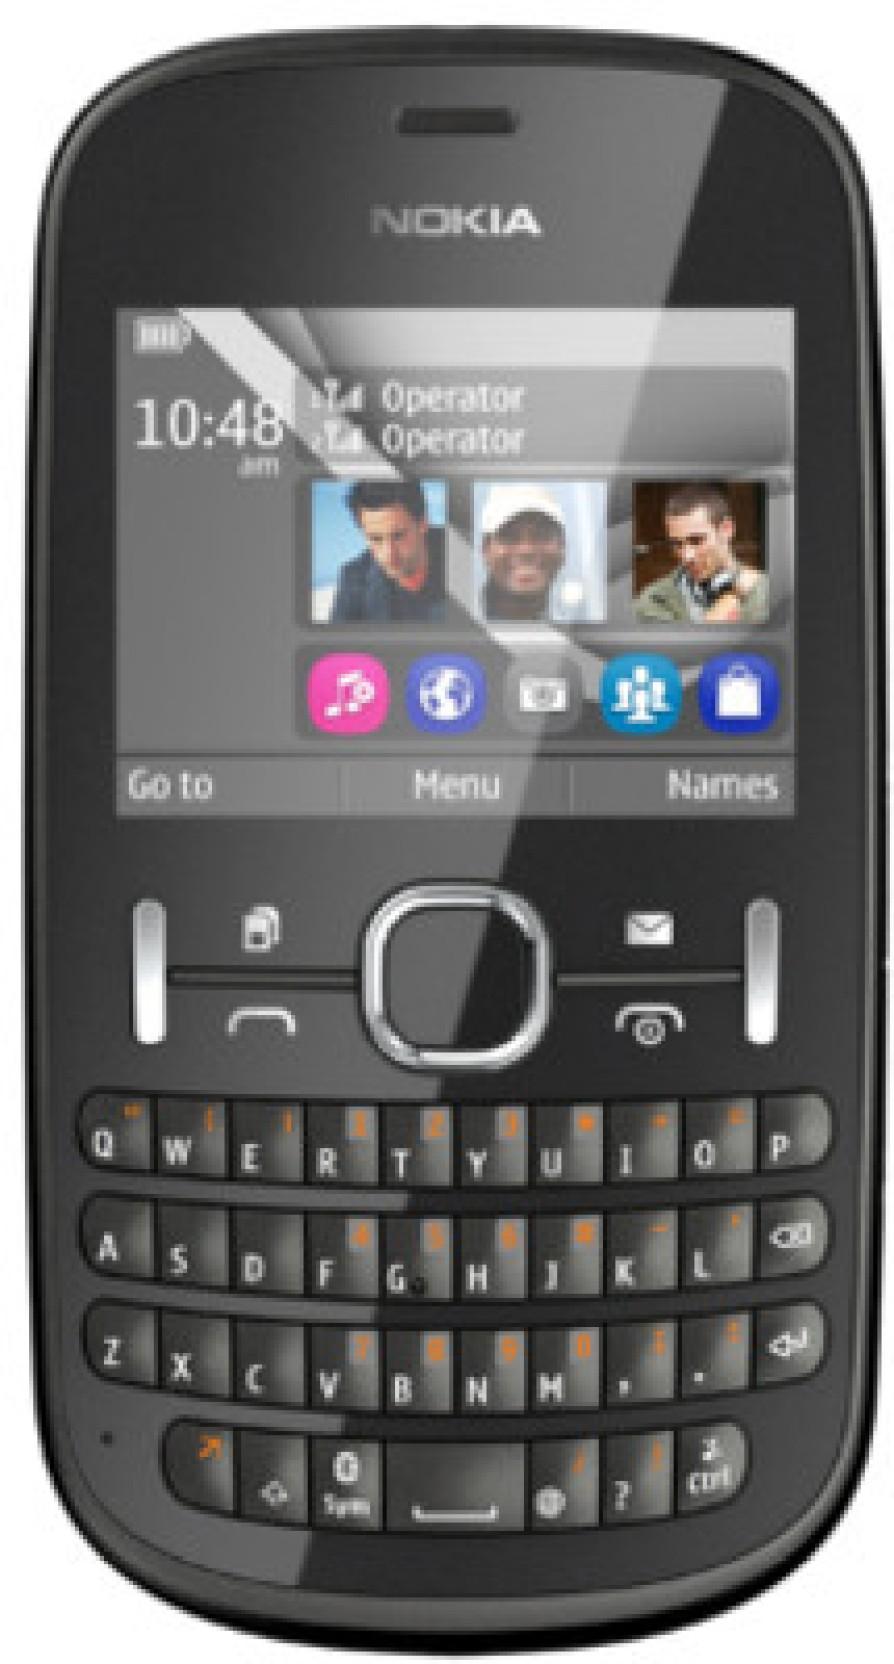 Nokia Asha 200. Compare